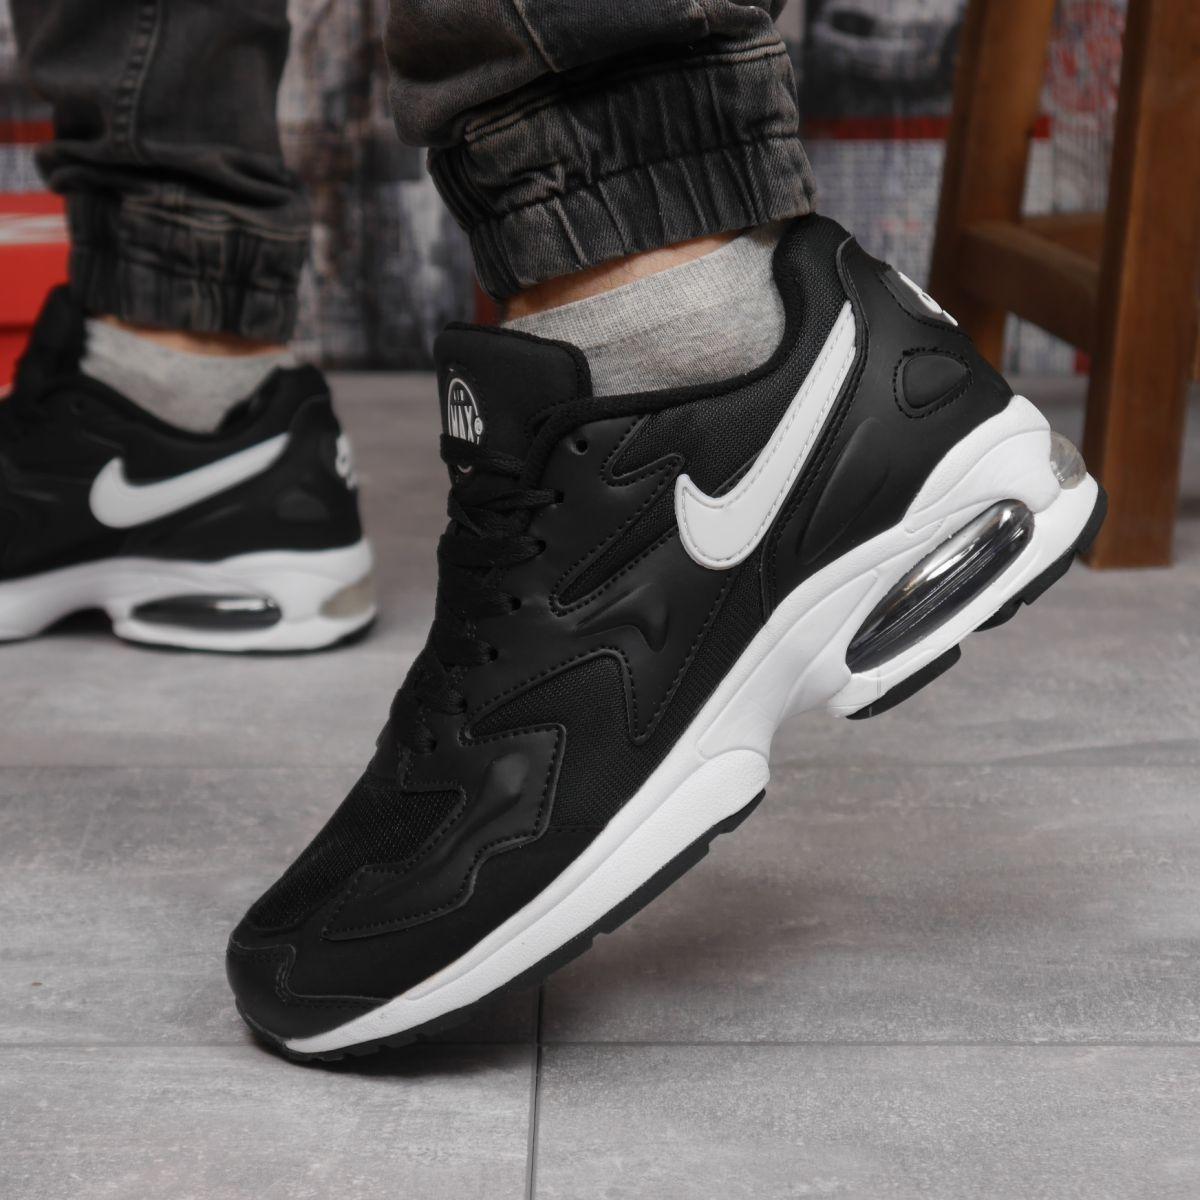 Кросівки чоловічі 15233, Nike Air Max, чорні, [ 42 44 45 ] р. 44-27,7 див.